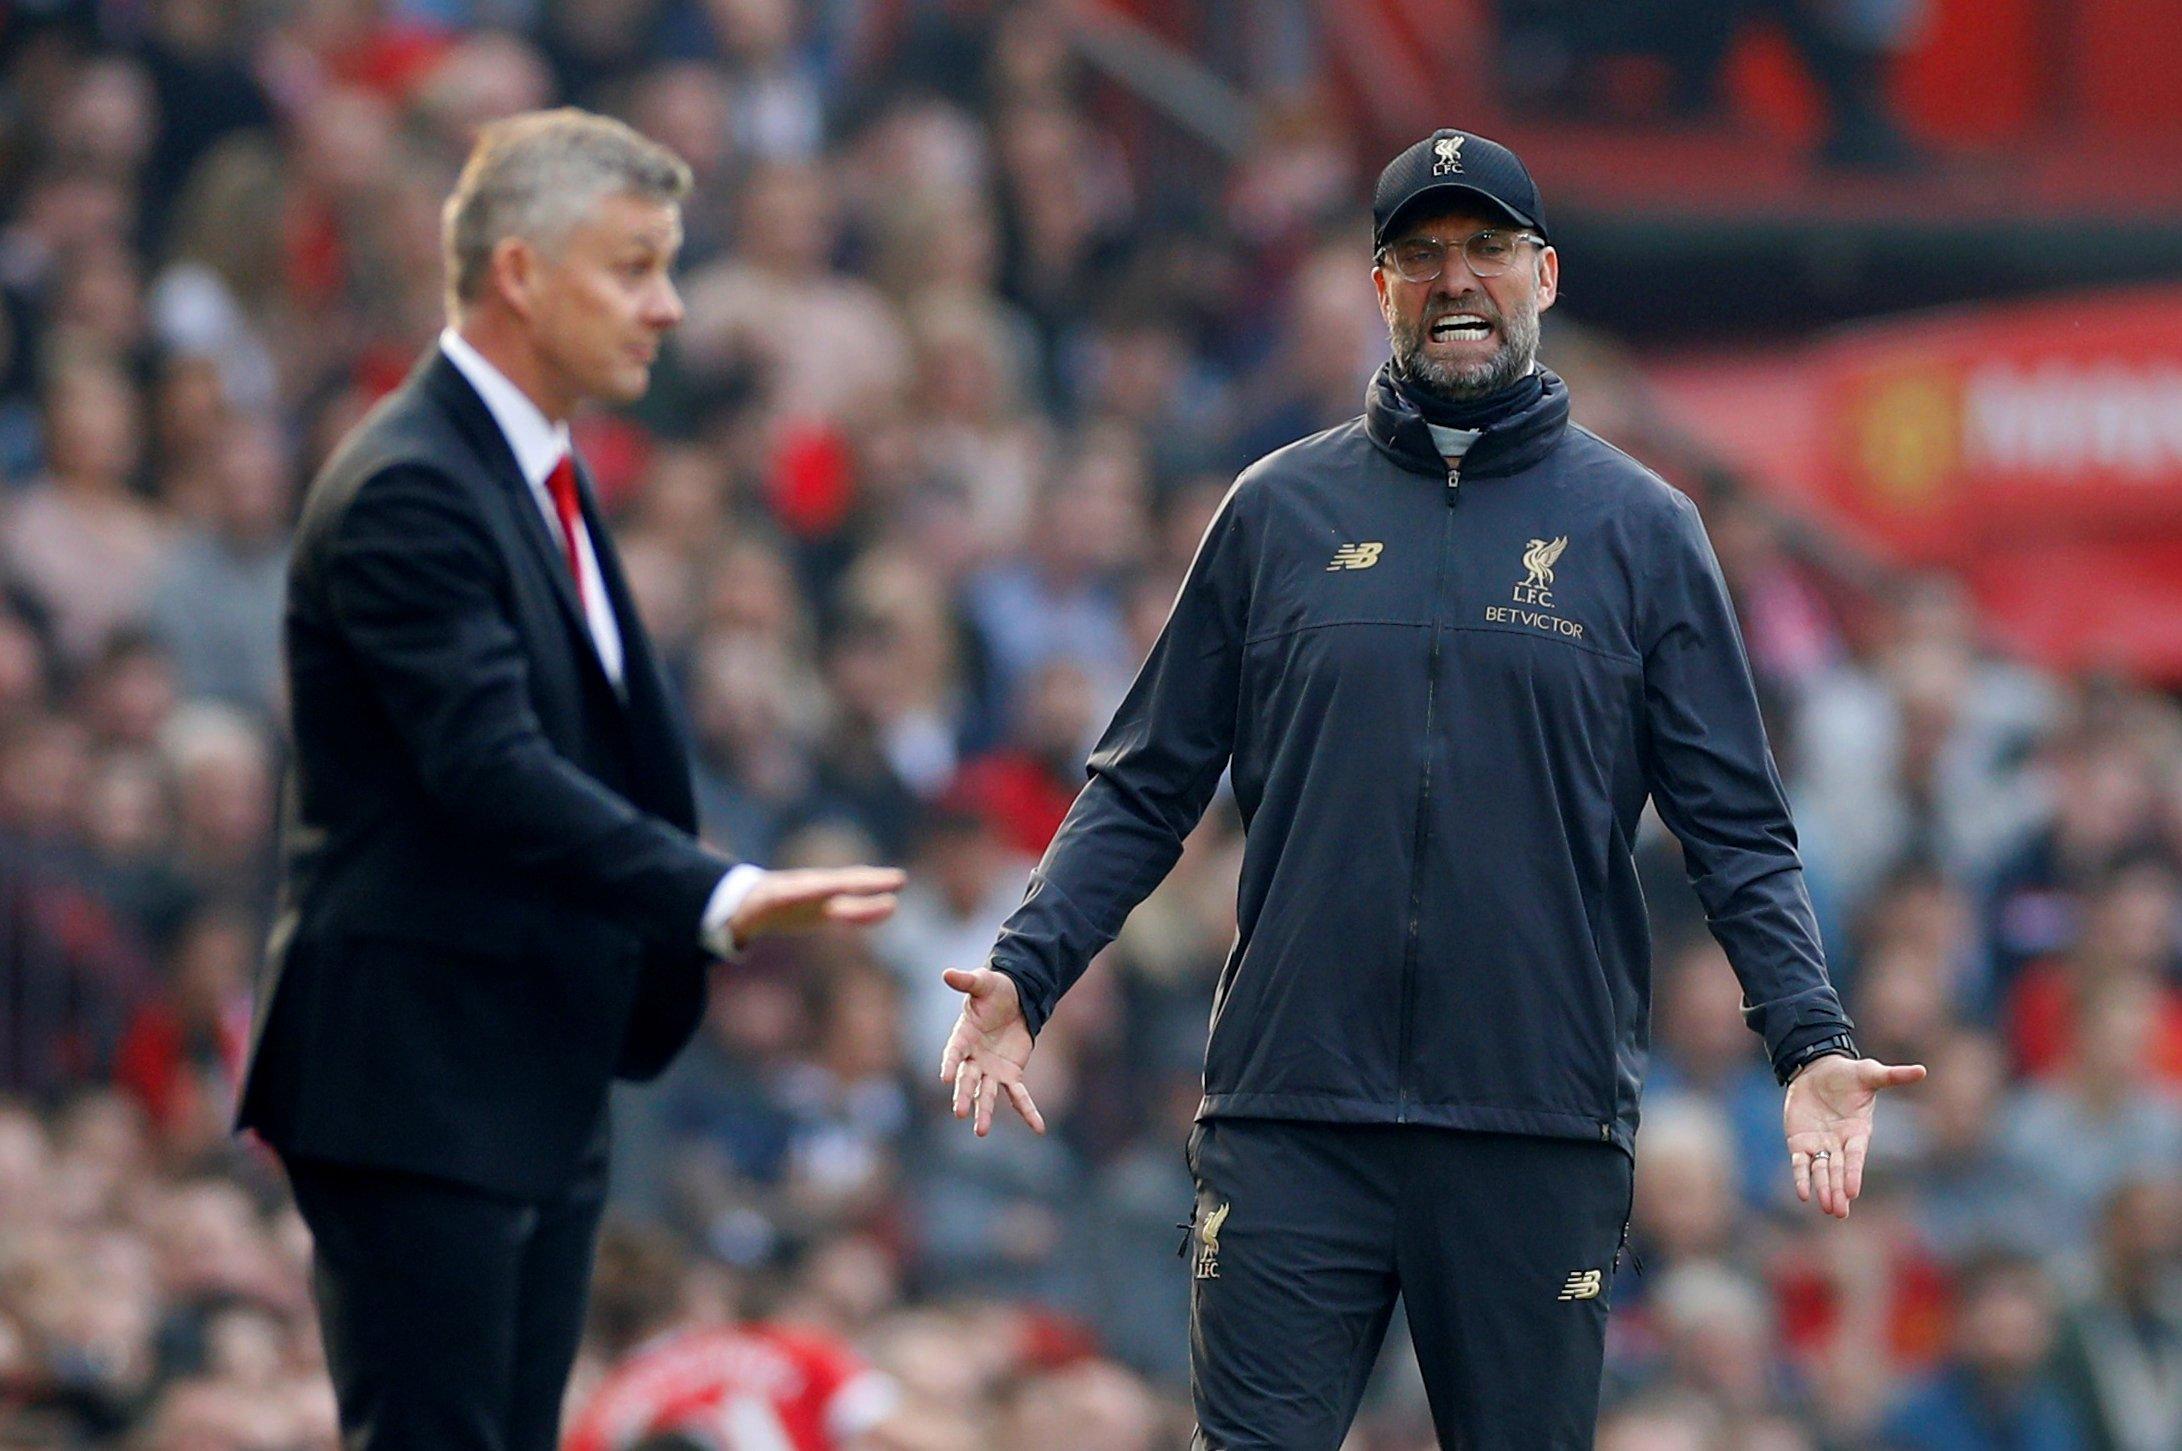 Man United v Liverpool Live Updates: Solskjaer needs a magic wand